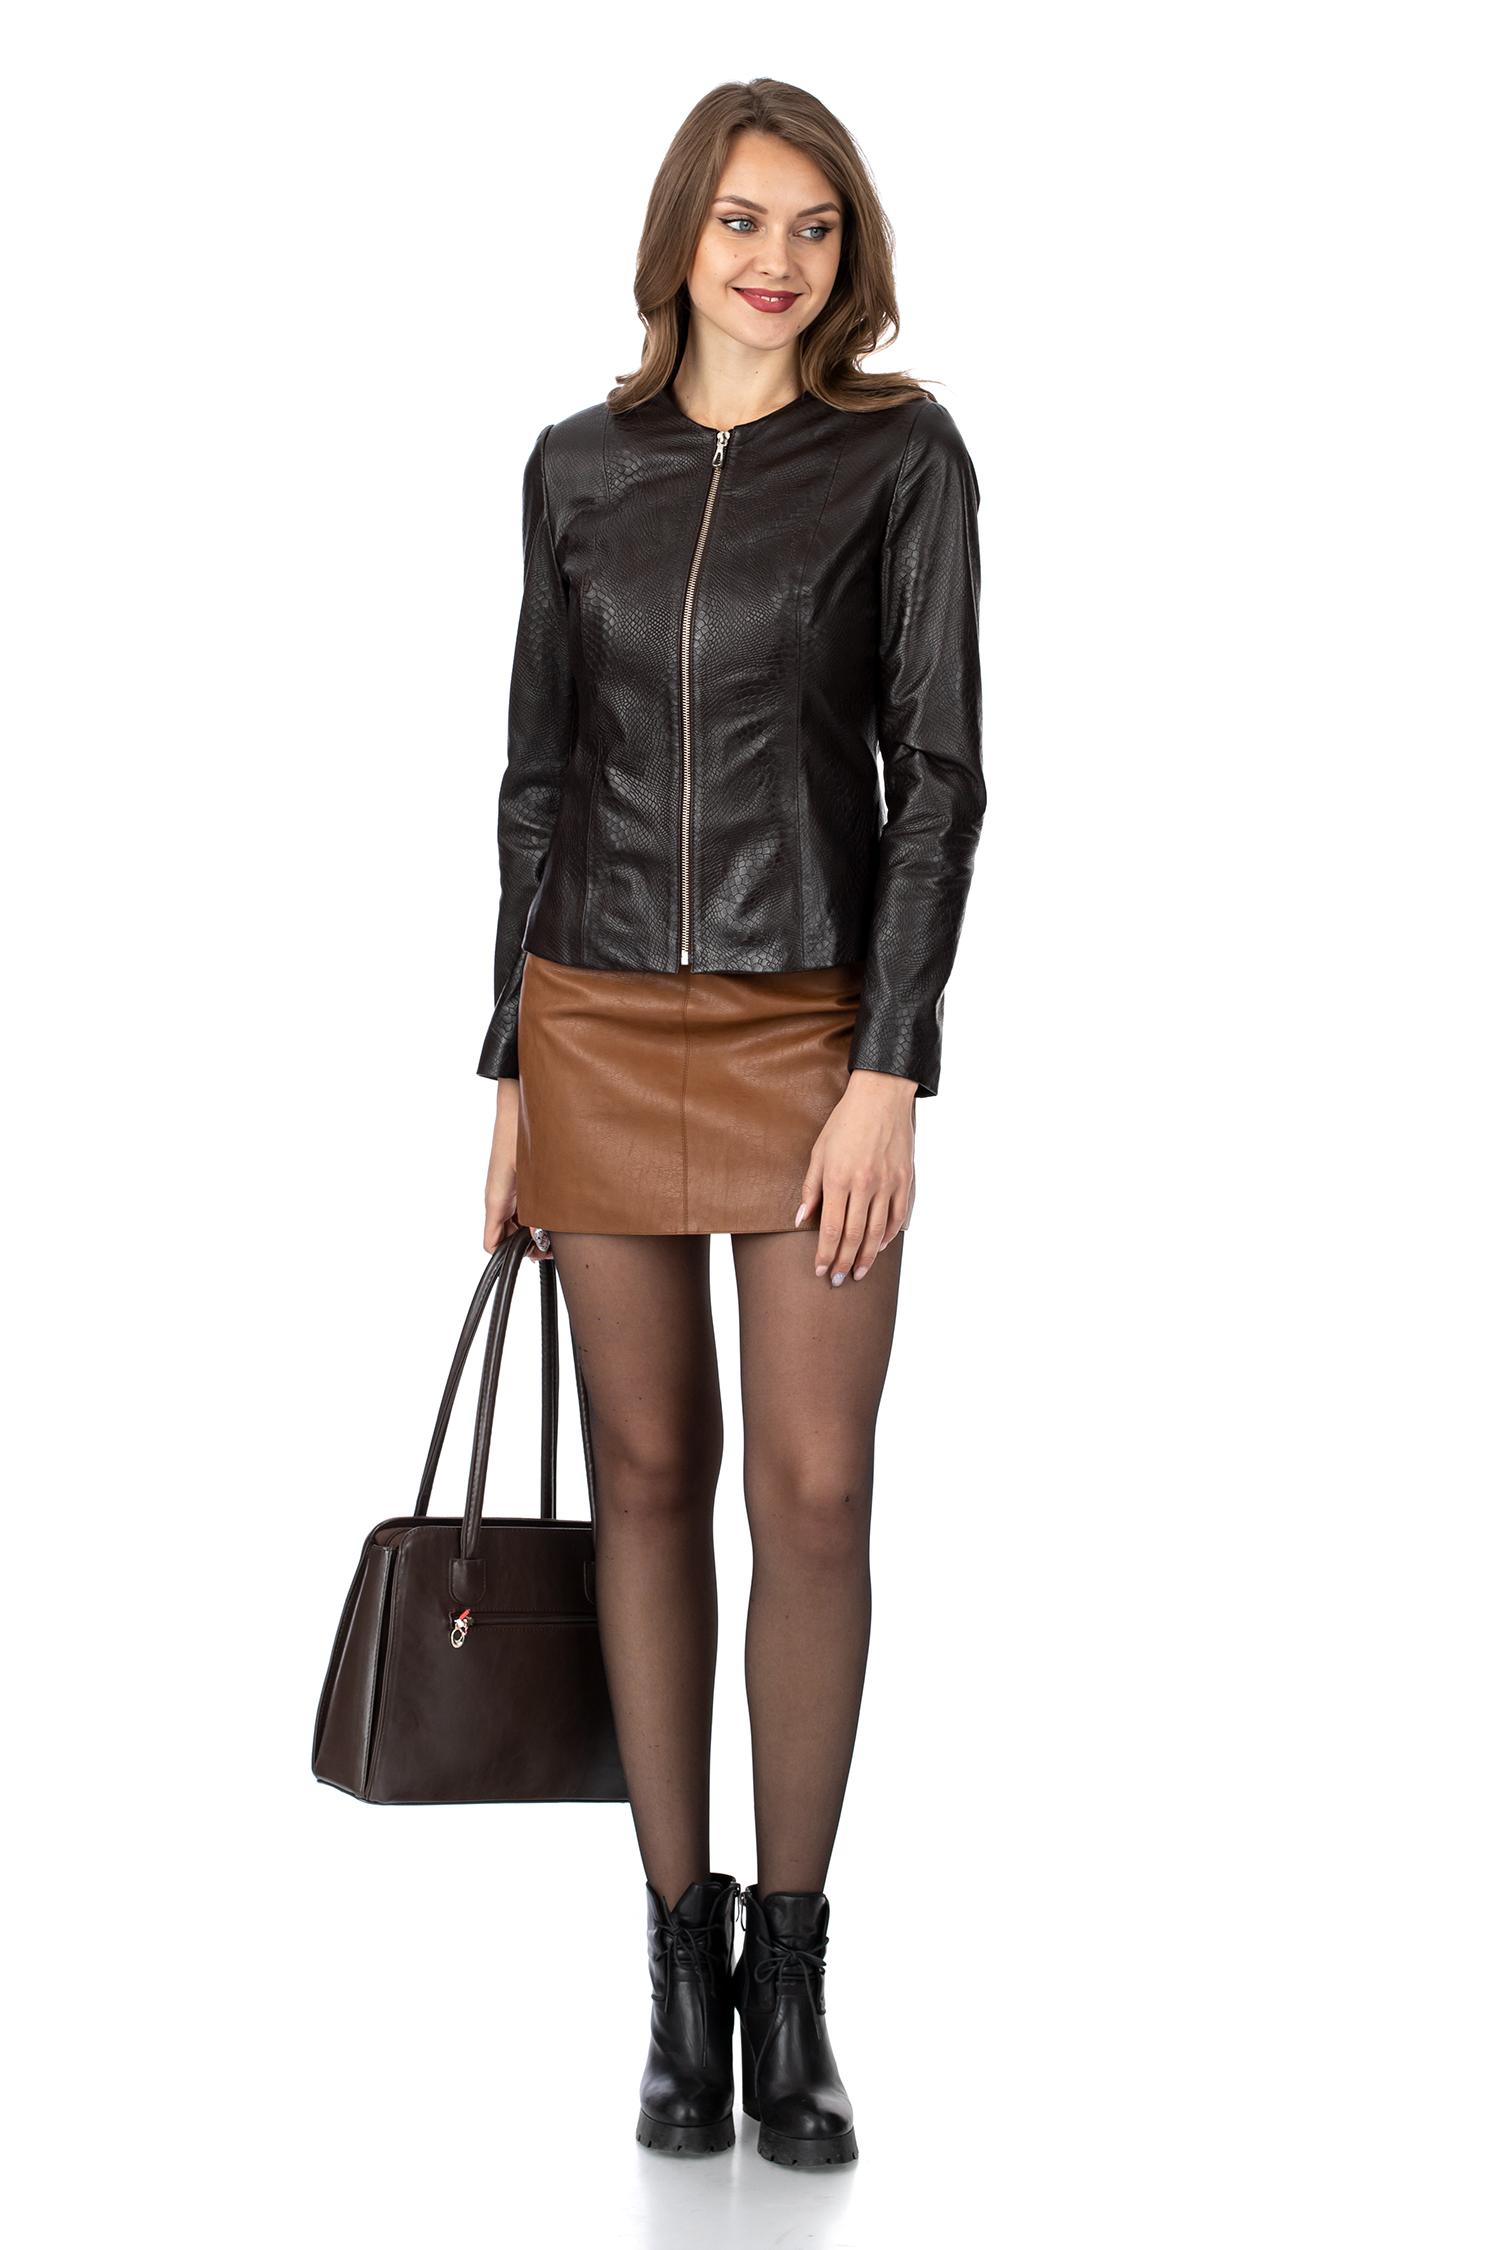 Фото 2 - Женская кожаная куртка из натуральной кожи без воротника от МОСМЕХА коричневого цвета